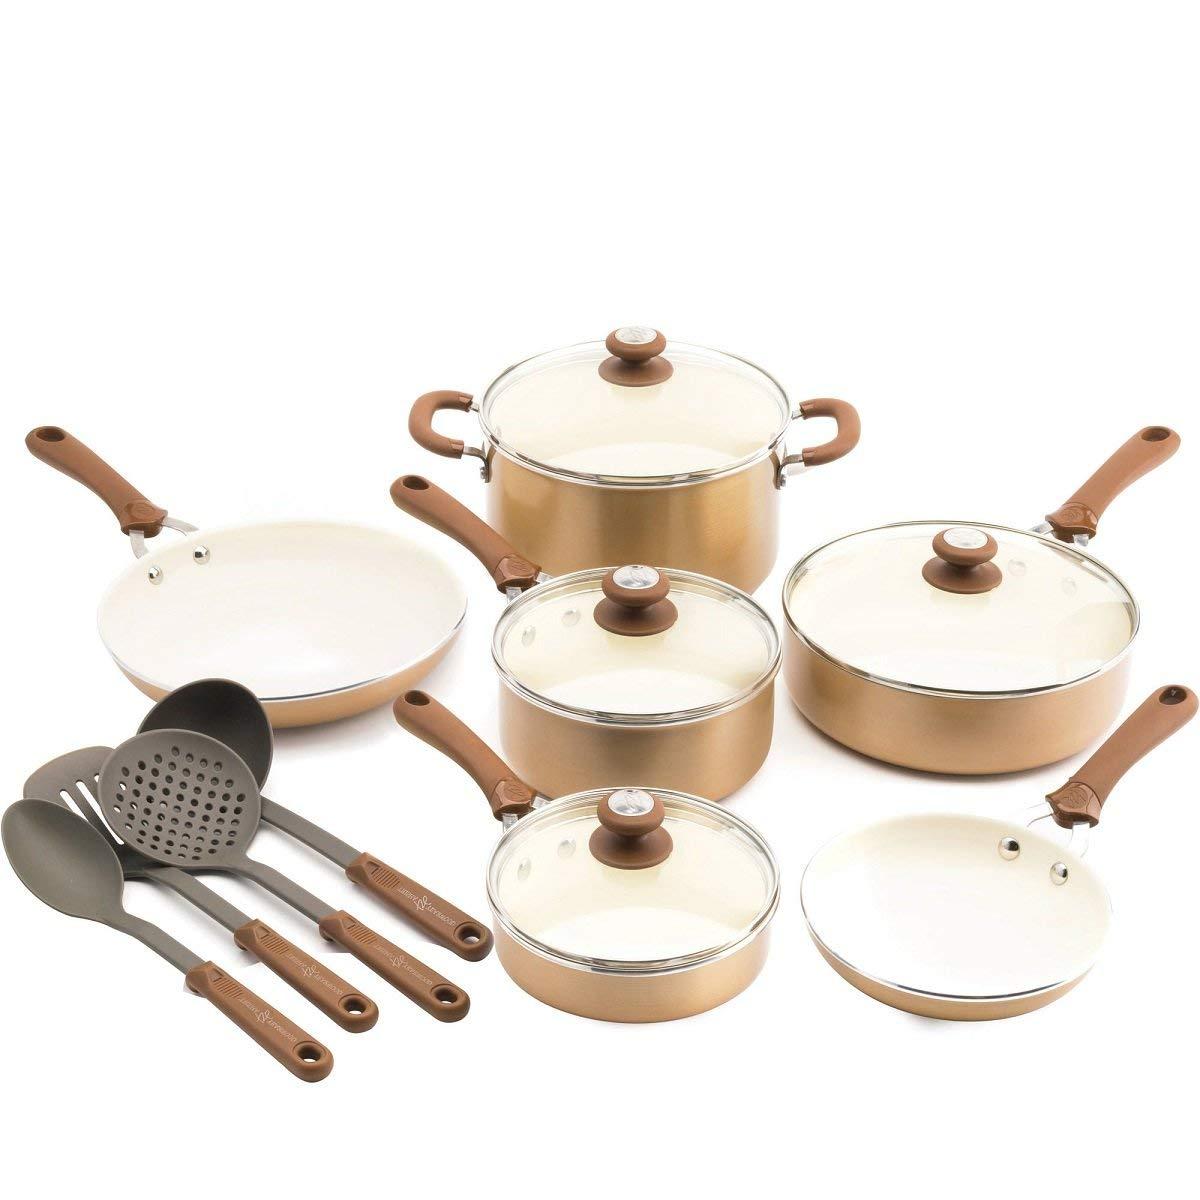 14-Piece Copper Precious Metals Aluminum Non-Stick Ceramic Coated With Thermolon Healthy Ceramic Non-Stick Coating Cookware Set